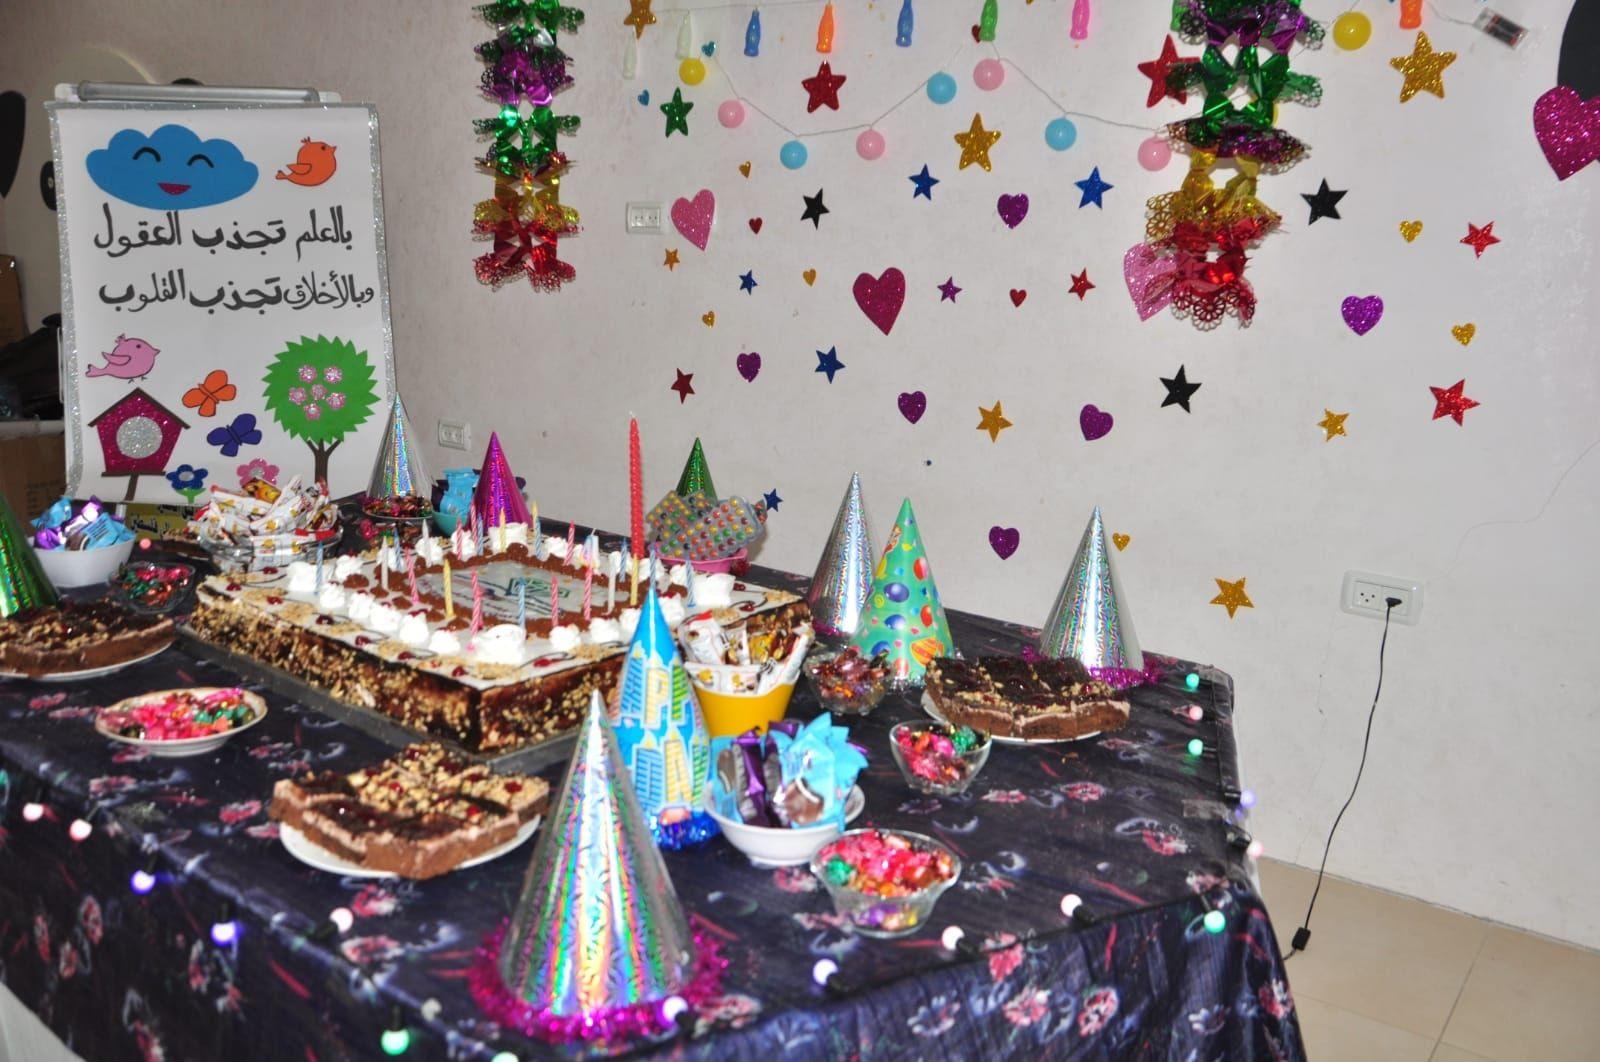 حفلة بالعلم تجذب العقول وبالأخلاق تجذب القلوب مصطفى نور الدين Birthday Birthday Cake Cake